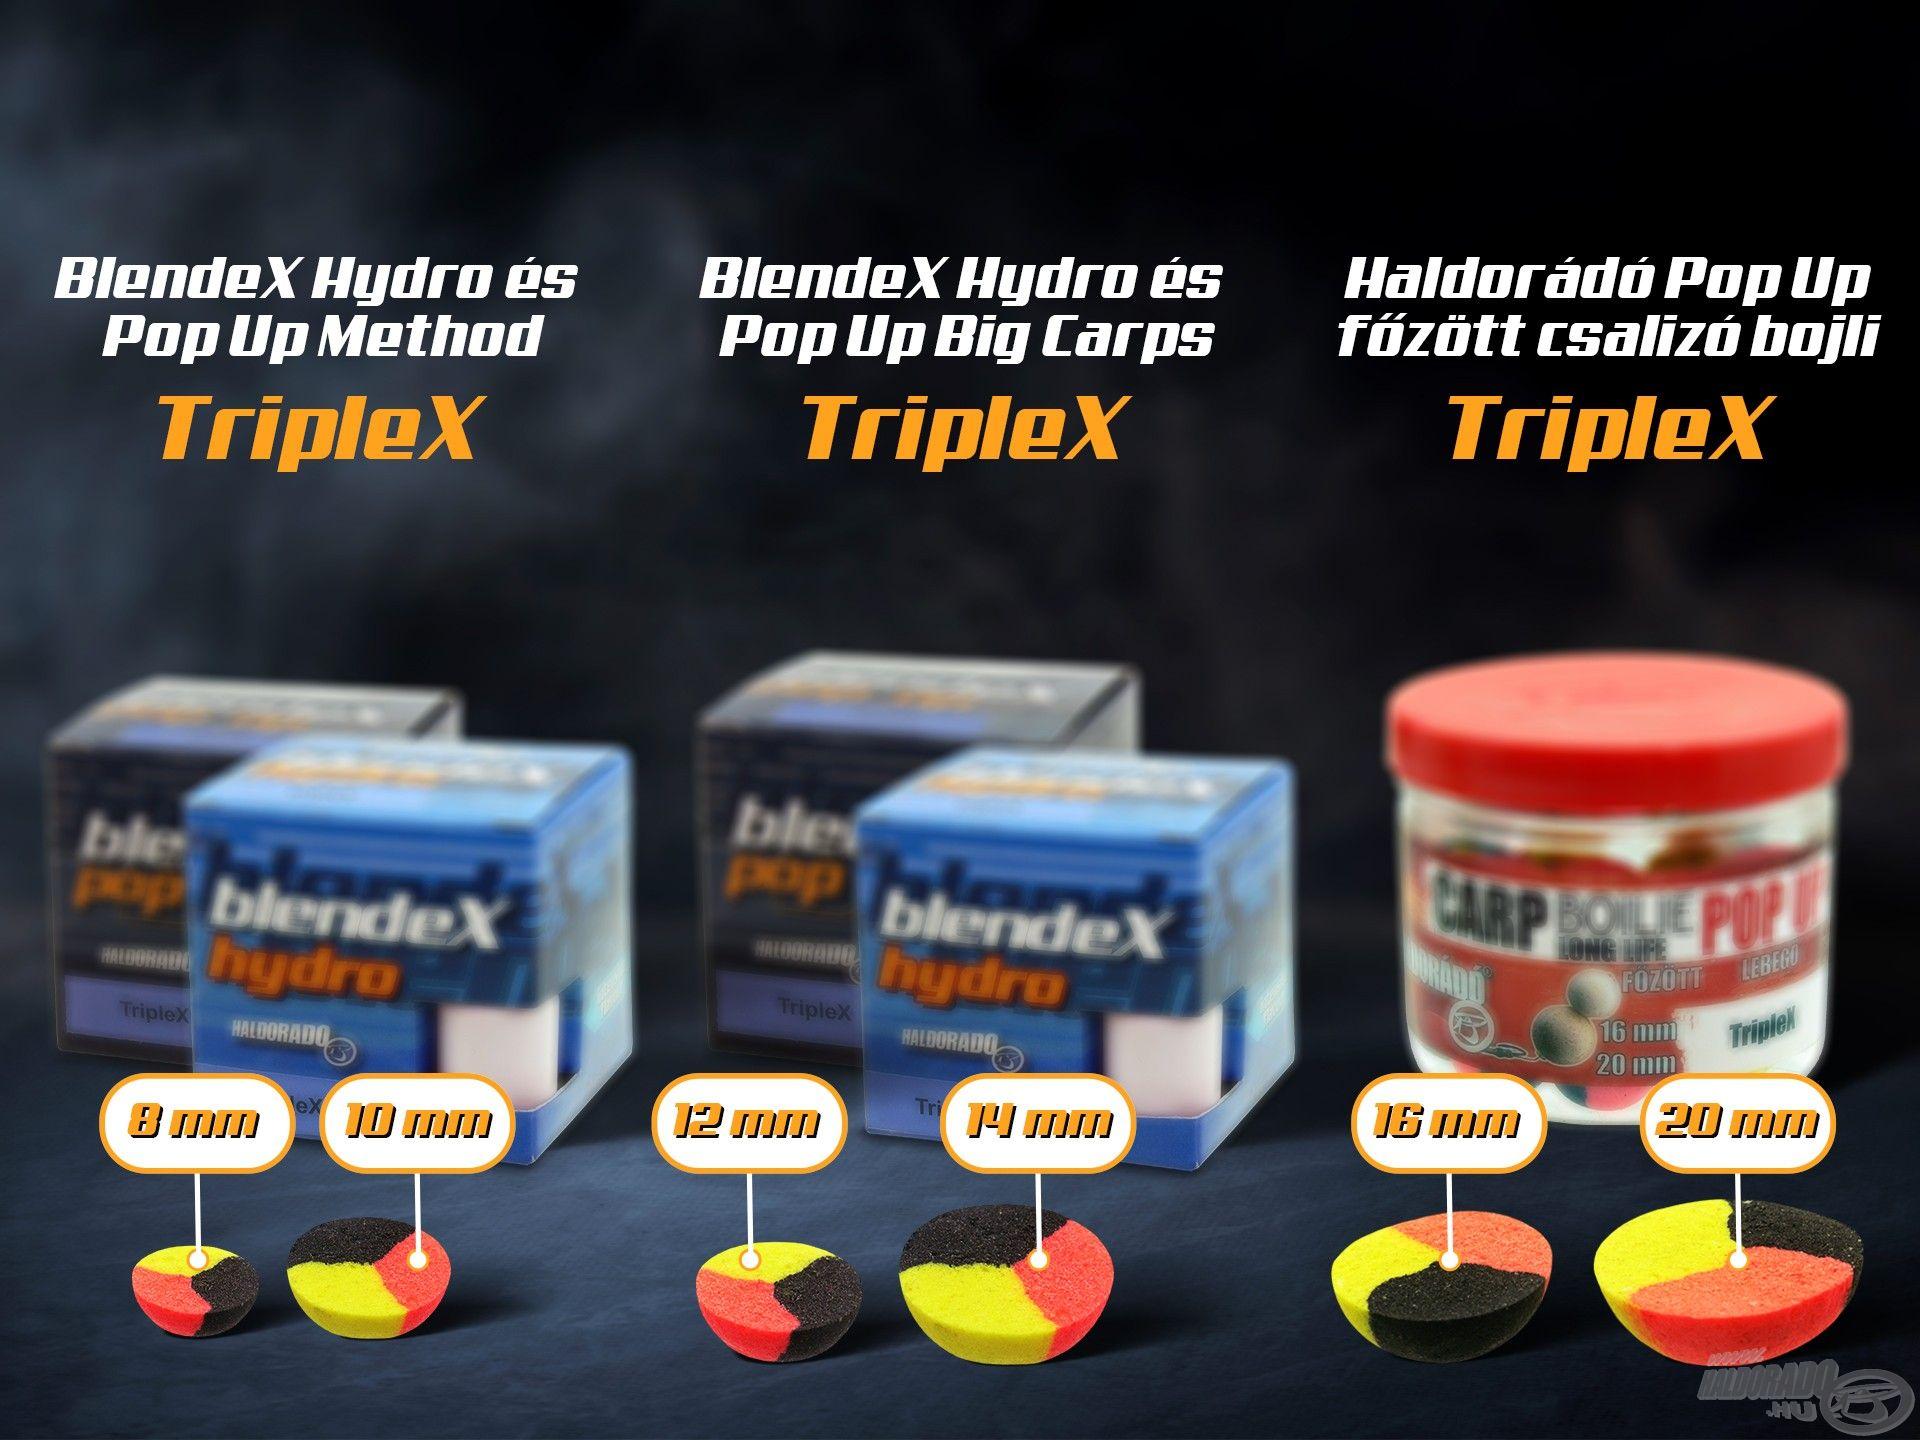 A BlendeX Method és Big Carp, valamint Pop Up főzött csalizó bojlijaink sorozatával összesen 6 méretben, szinte minden gyakori méretben, bármilyen pontyos technikához tudunk adni 3 színű csalit!